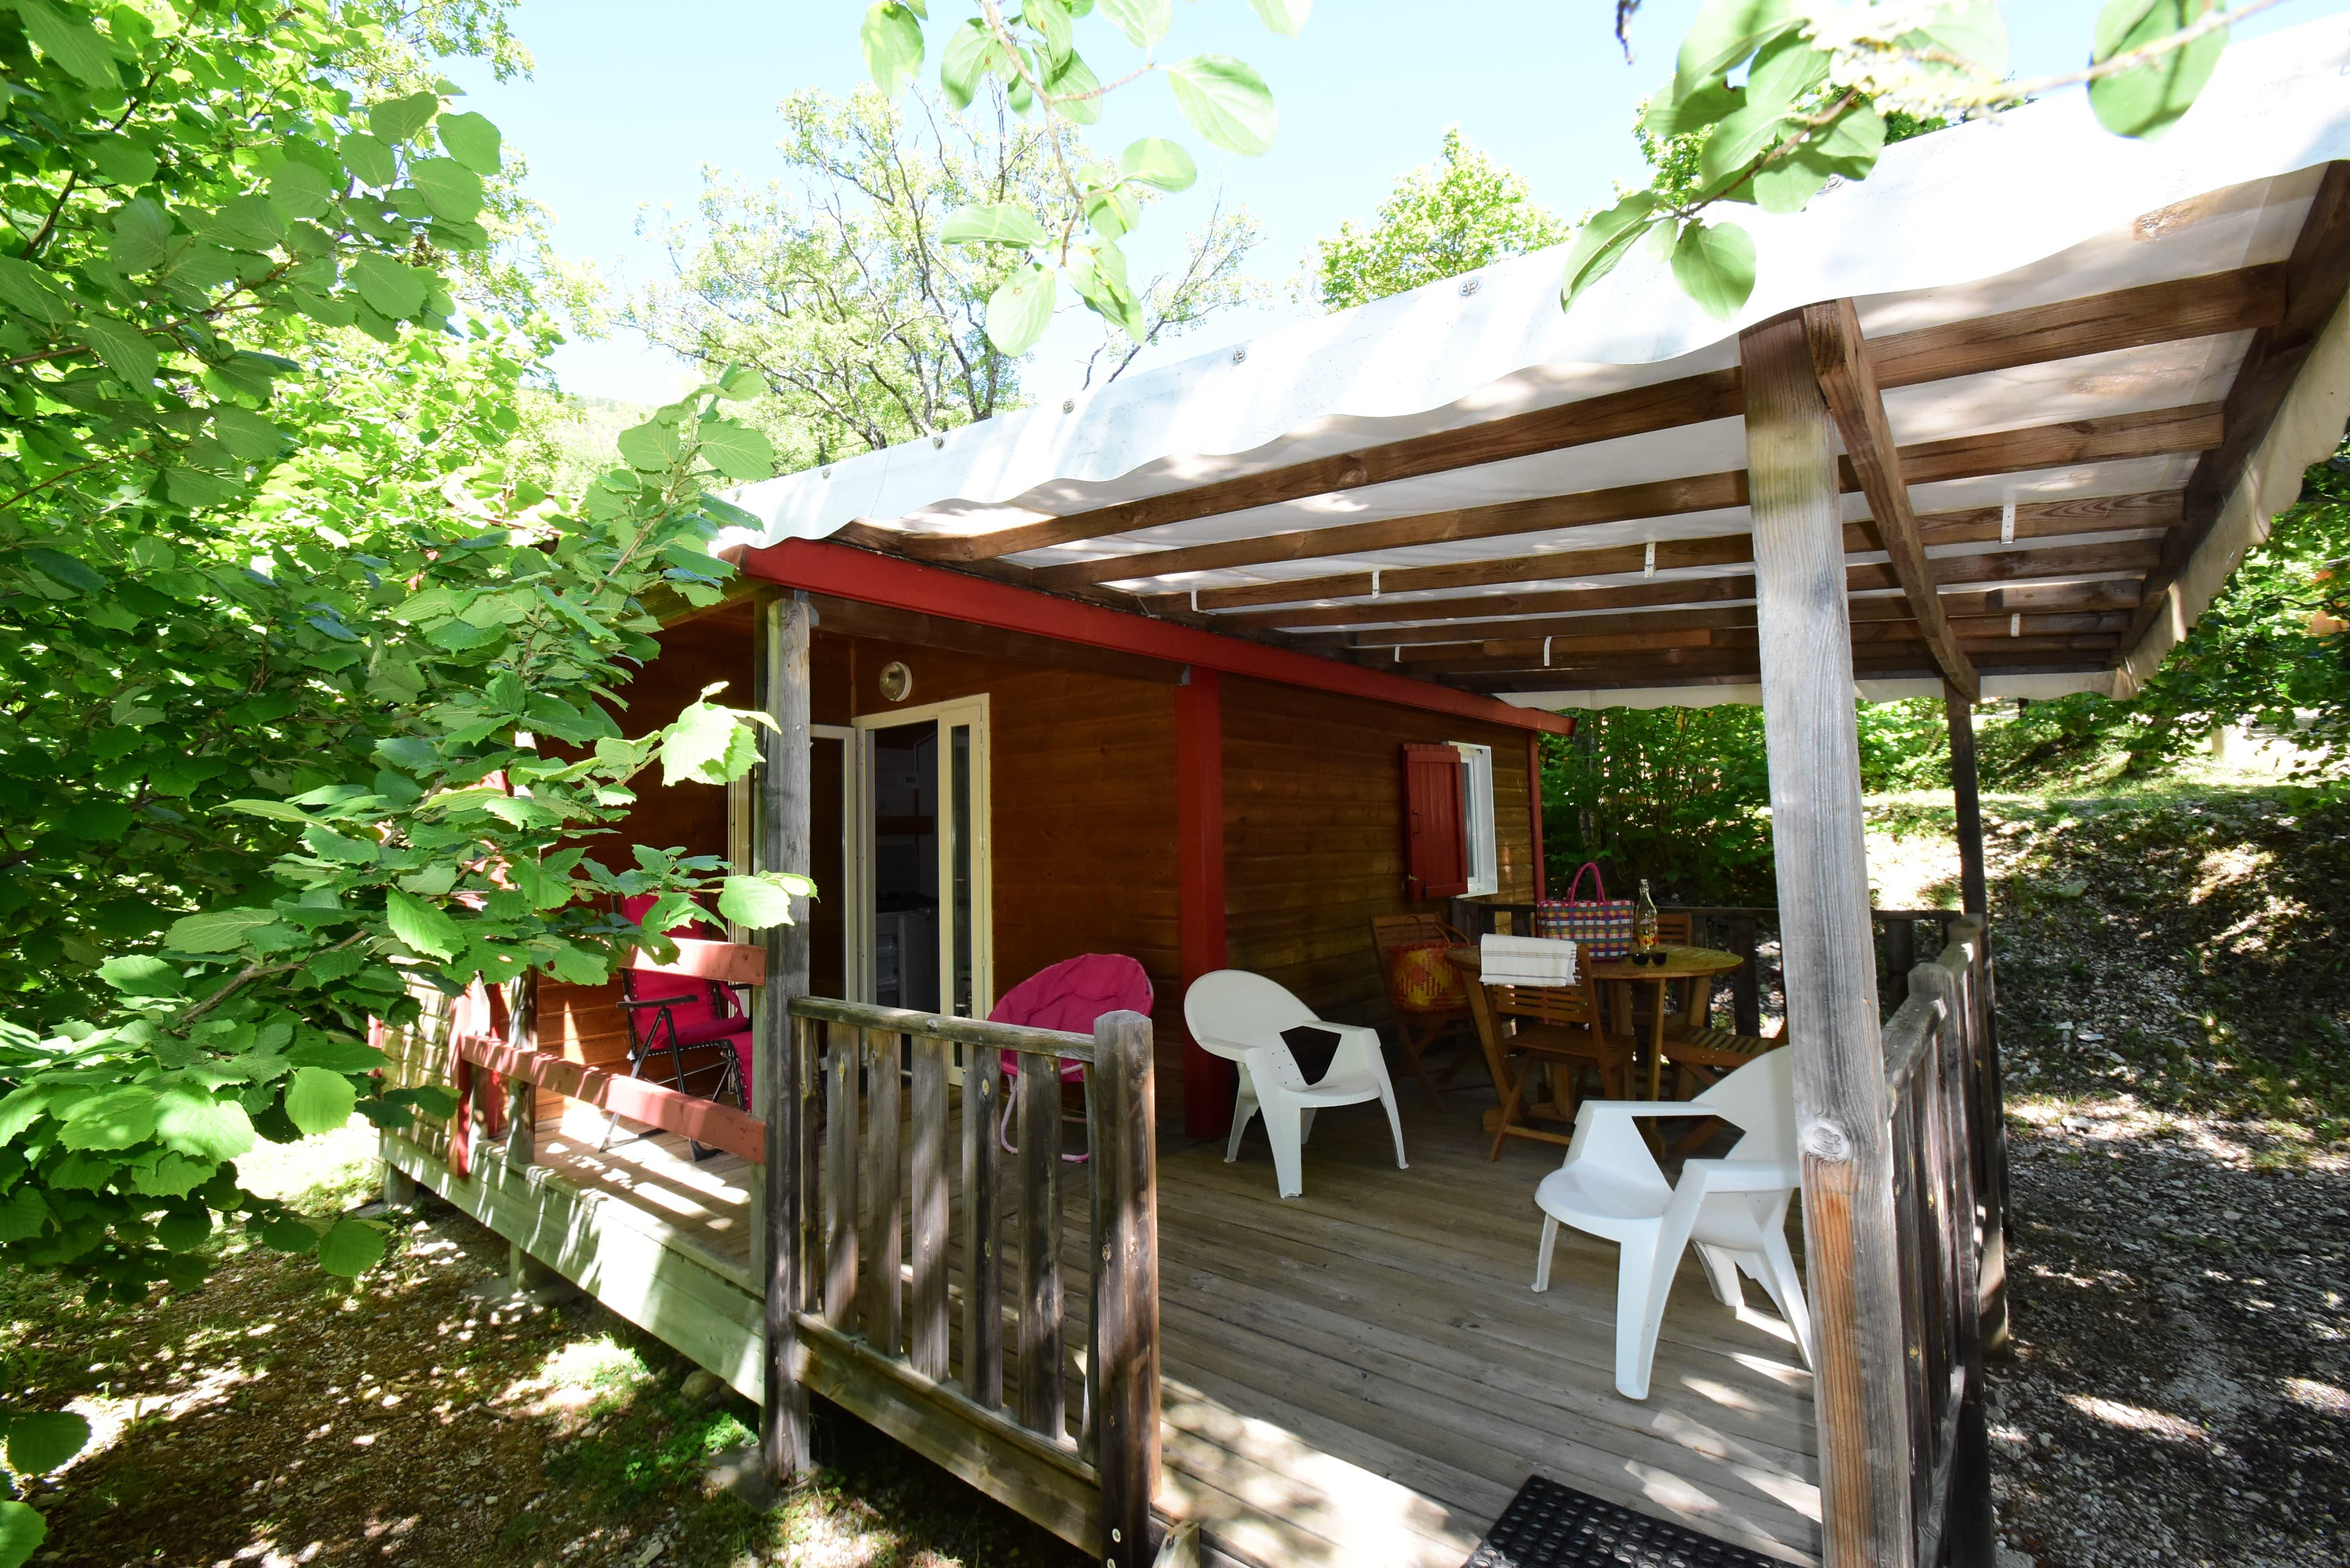 Location - Chalet 2/3 Personnes - Camping Sites et Paysages La Source du Jabron